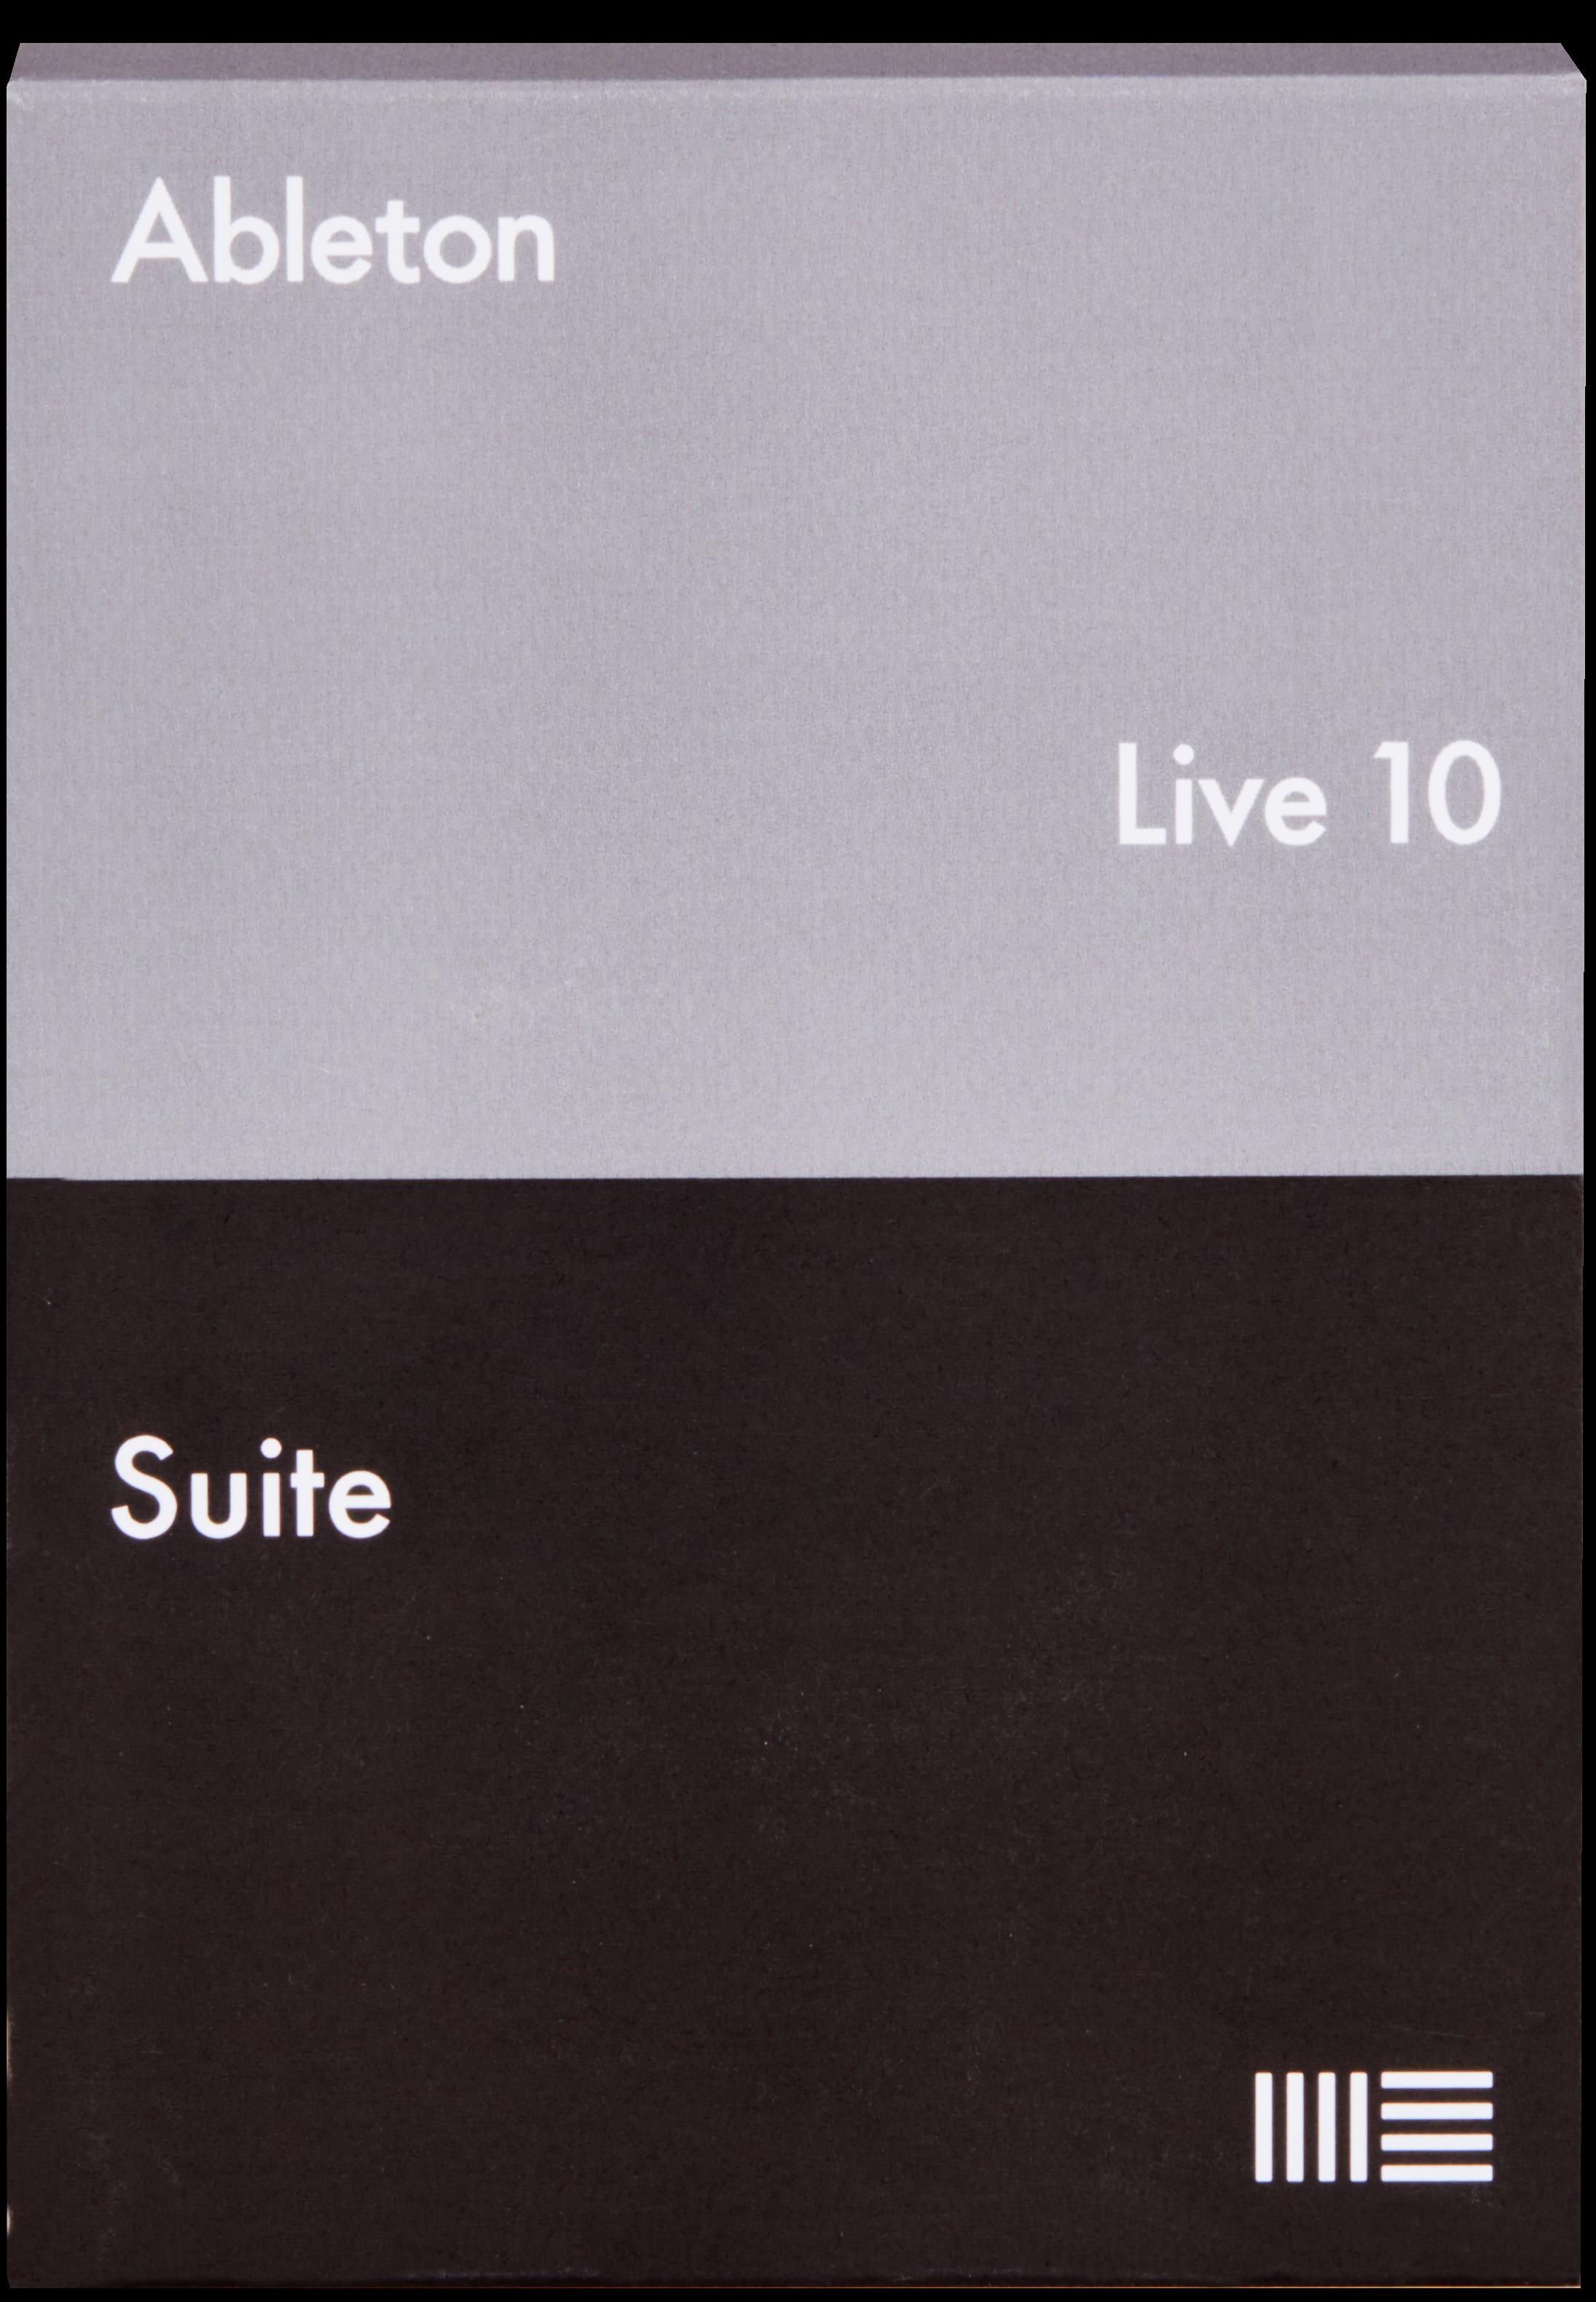 live suite ableton